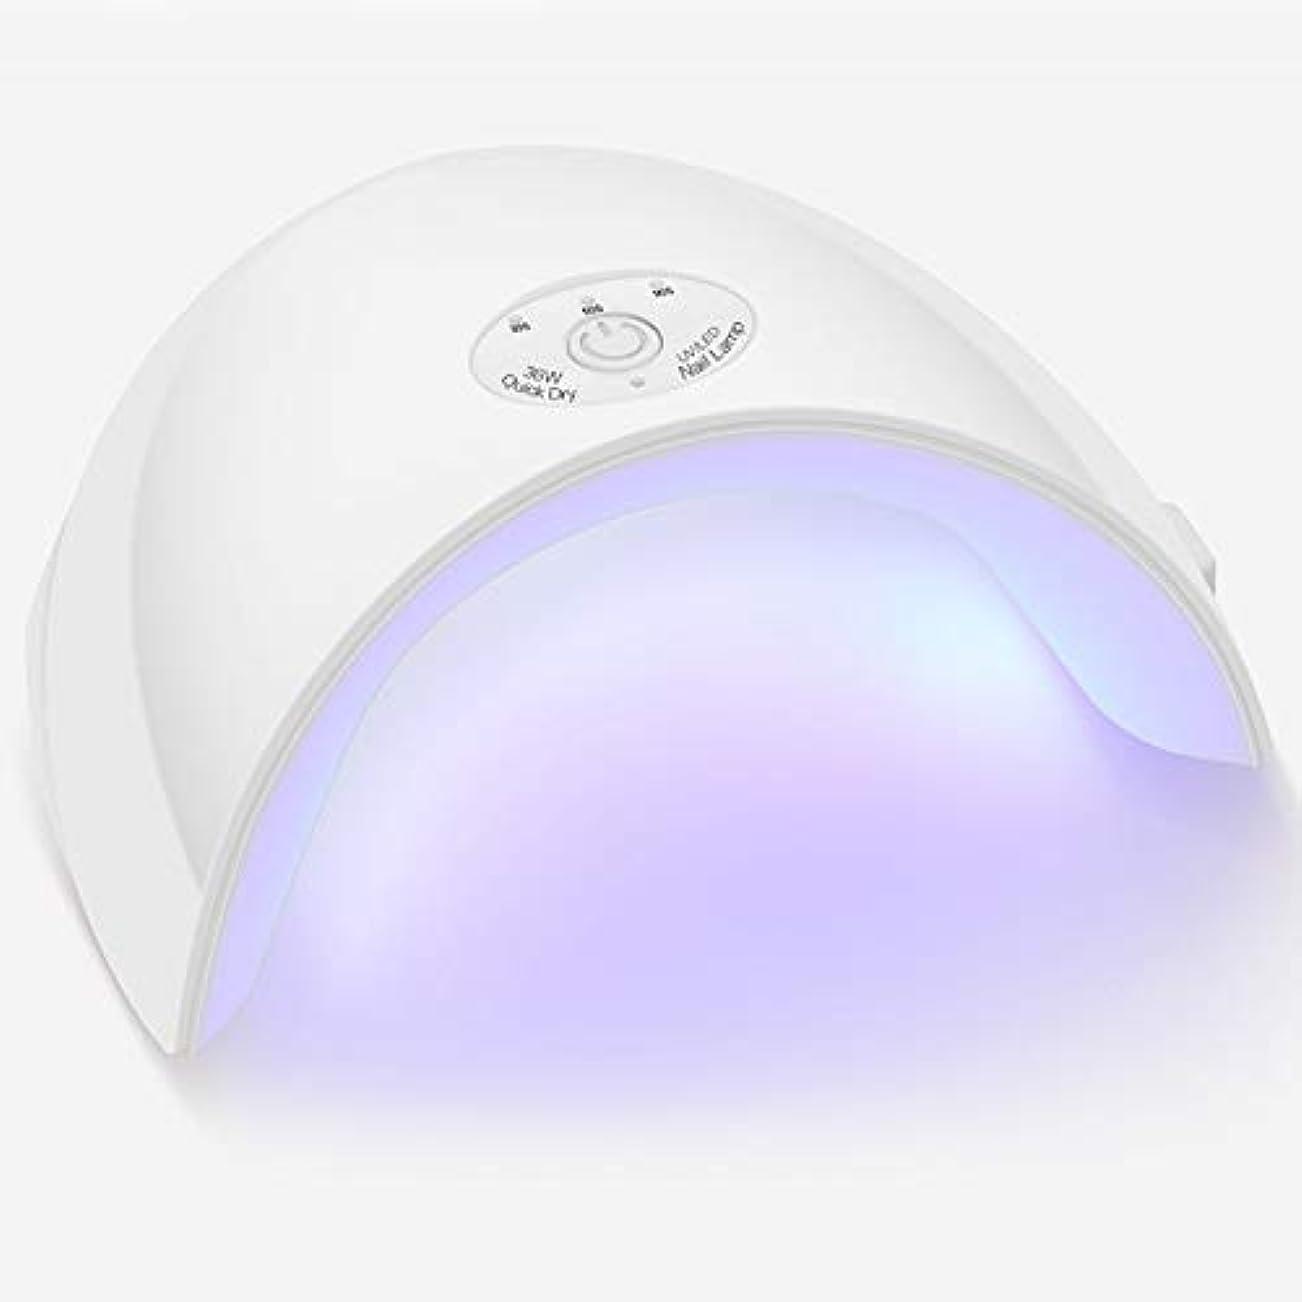 見物人小人曲がった硬化ライトネイルライト ネイルLEDライト36W新型 3段階タイマー付きUSB式 ハイパワー